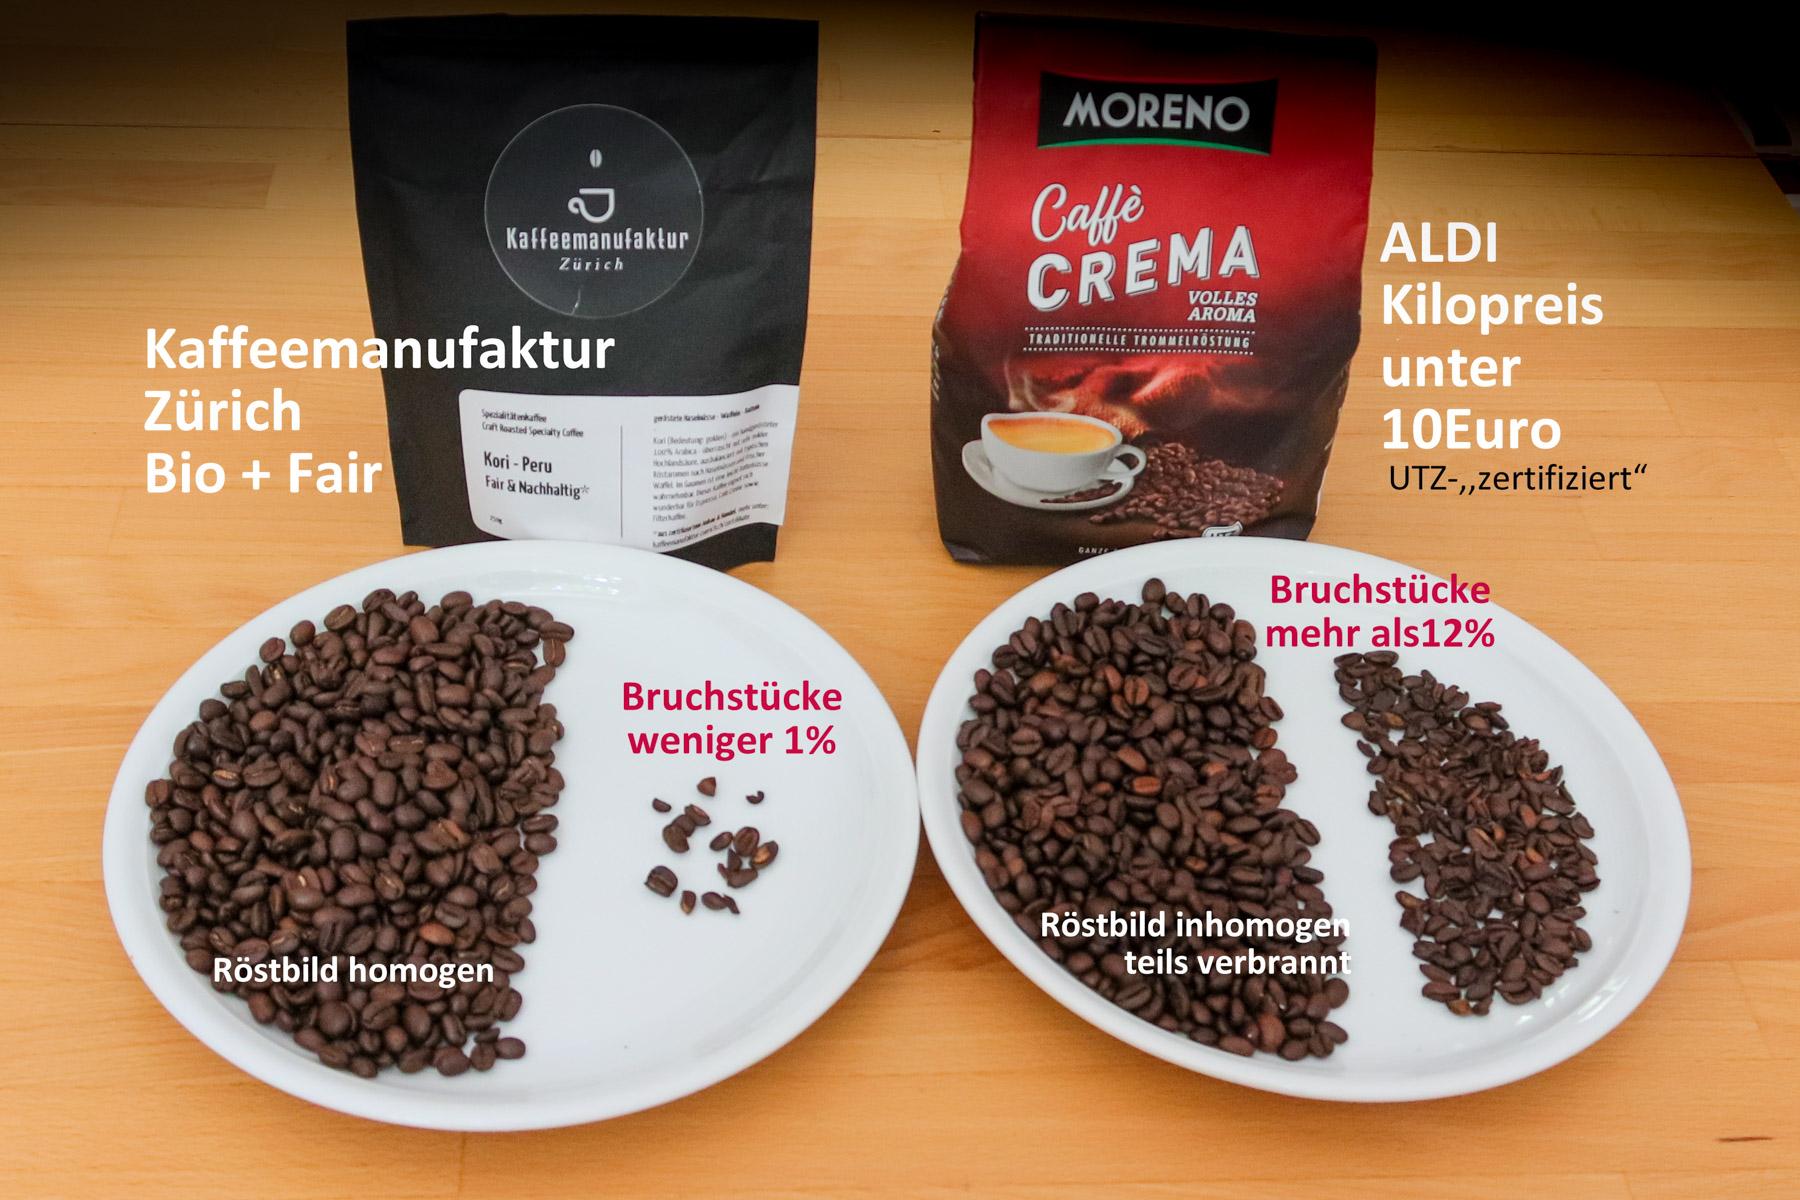 Probe jeweils 100g - UTZ-Zertifizierung macht keine Aussage über den Preis für den Kaffeefarmer.